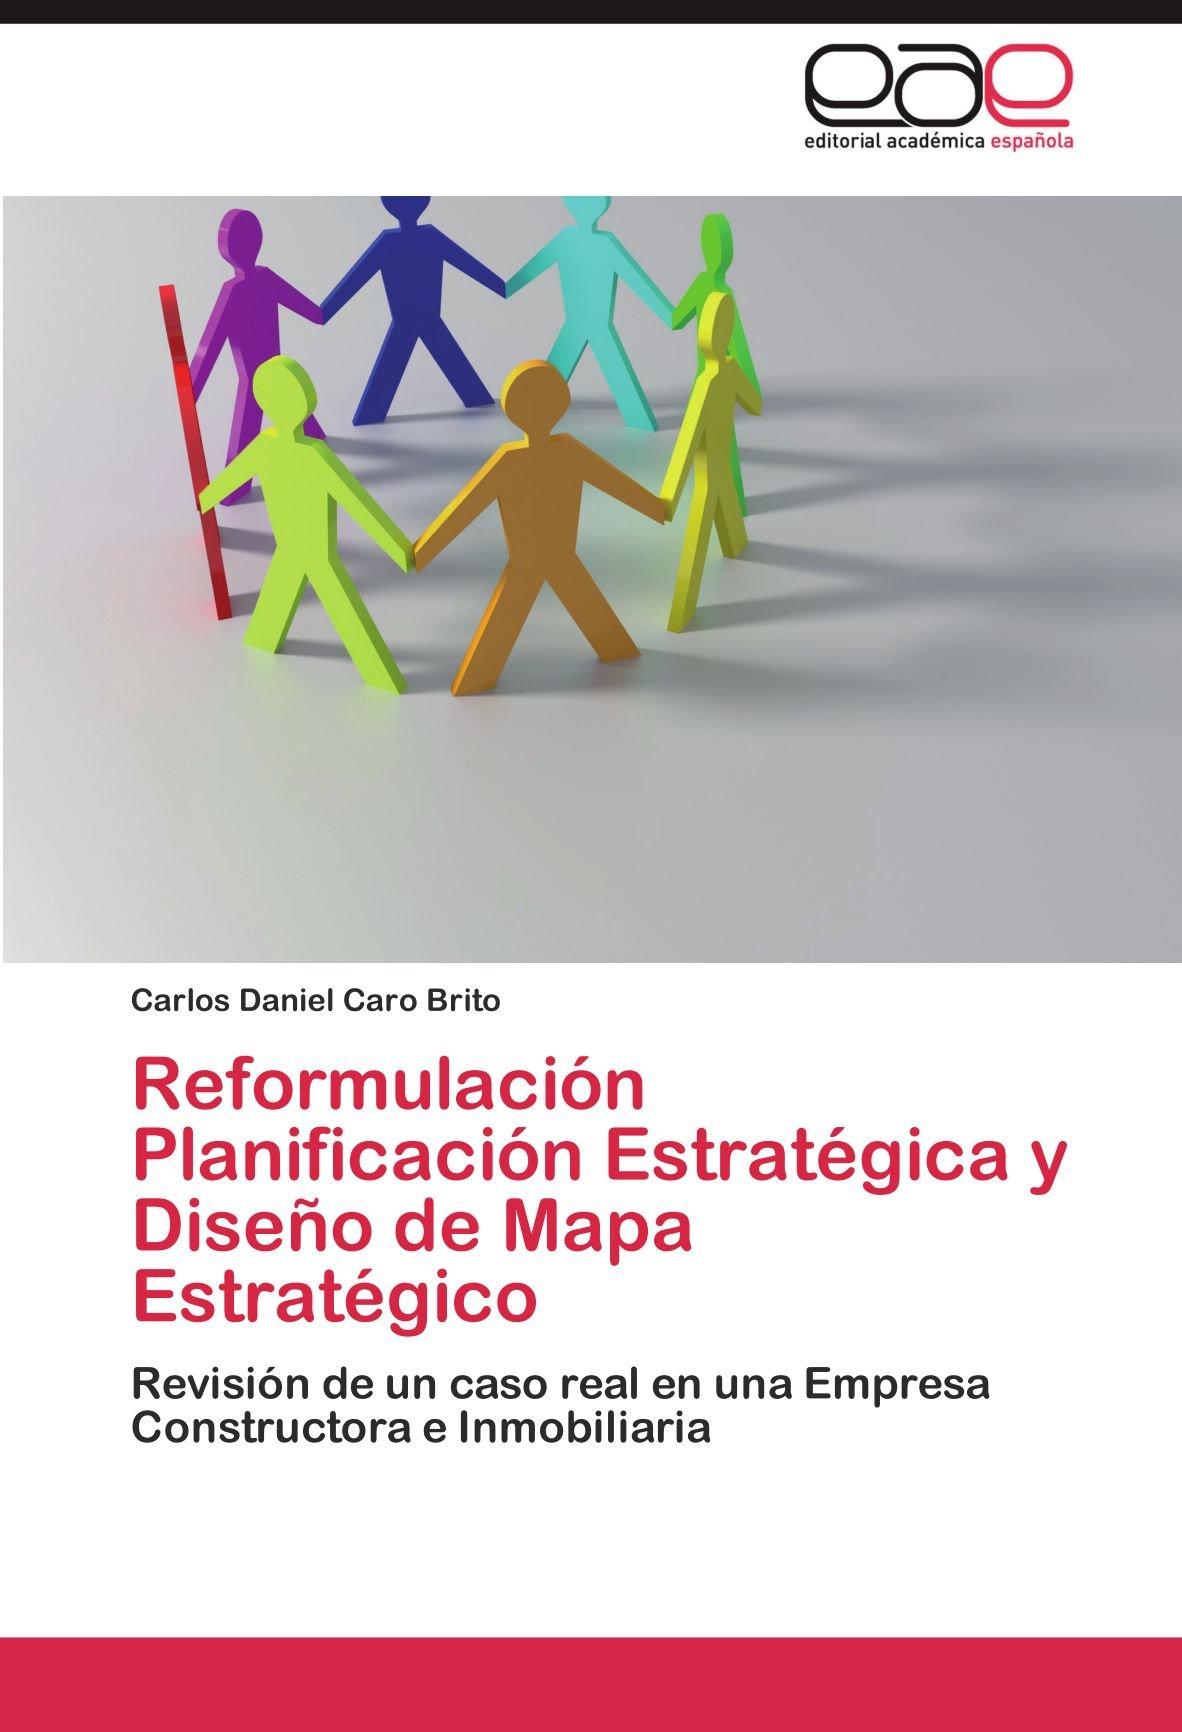 Reformulacion Planificacion Estrategica y Diseno de Mapa Estrategico ...